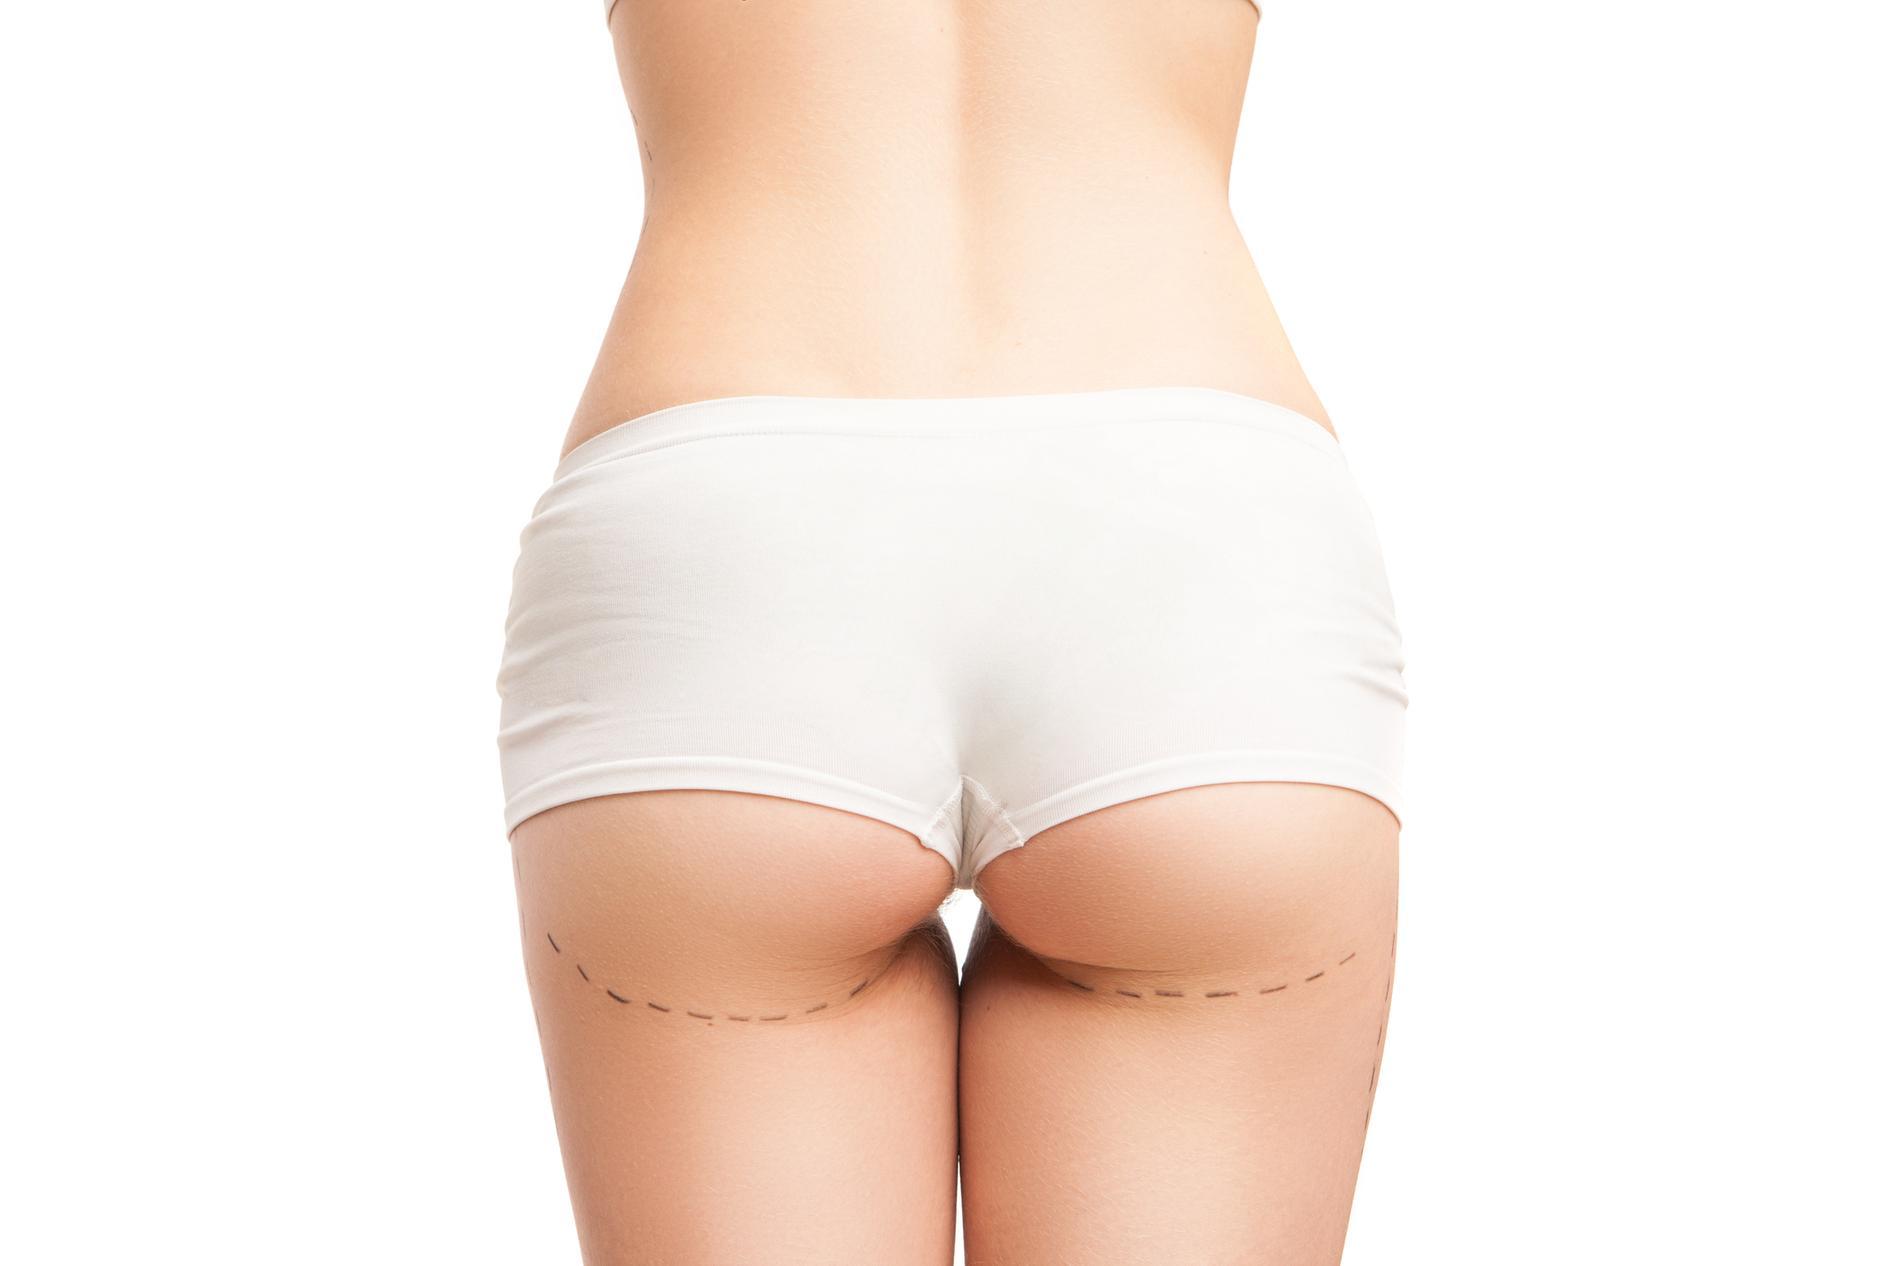 Entre la résorption de l œdème et l élimination de la graisse qui n a pas  été vascularisée - en moyenne de 30 % à 50 % du volume injecté - 55e8b45586f